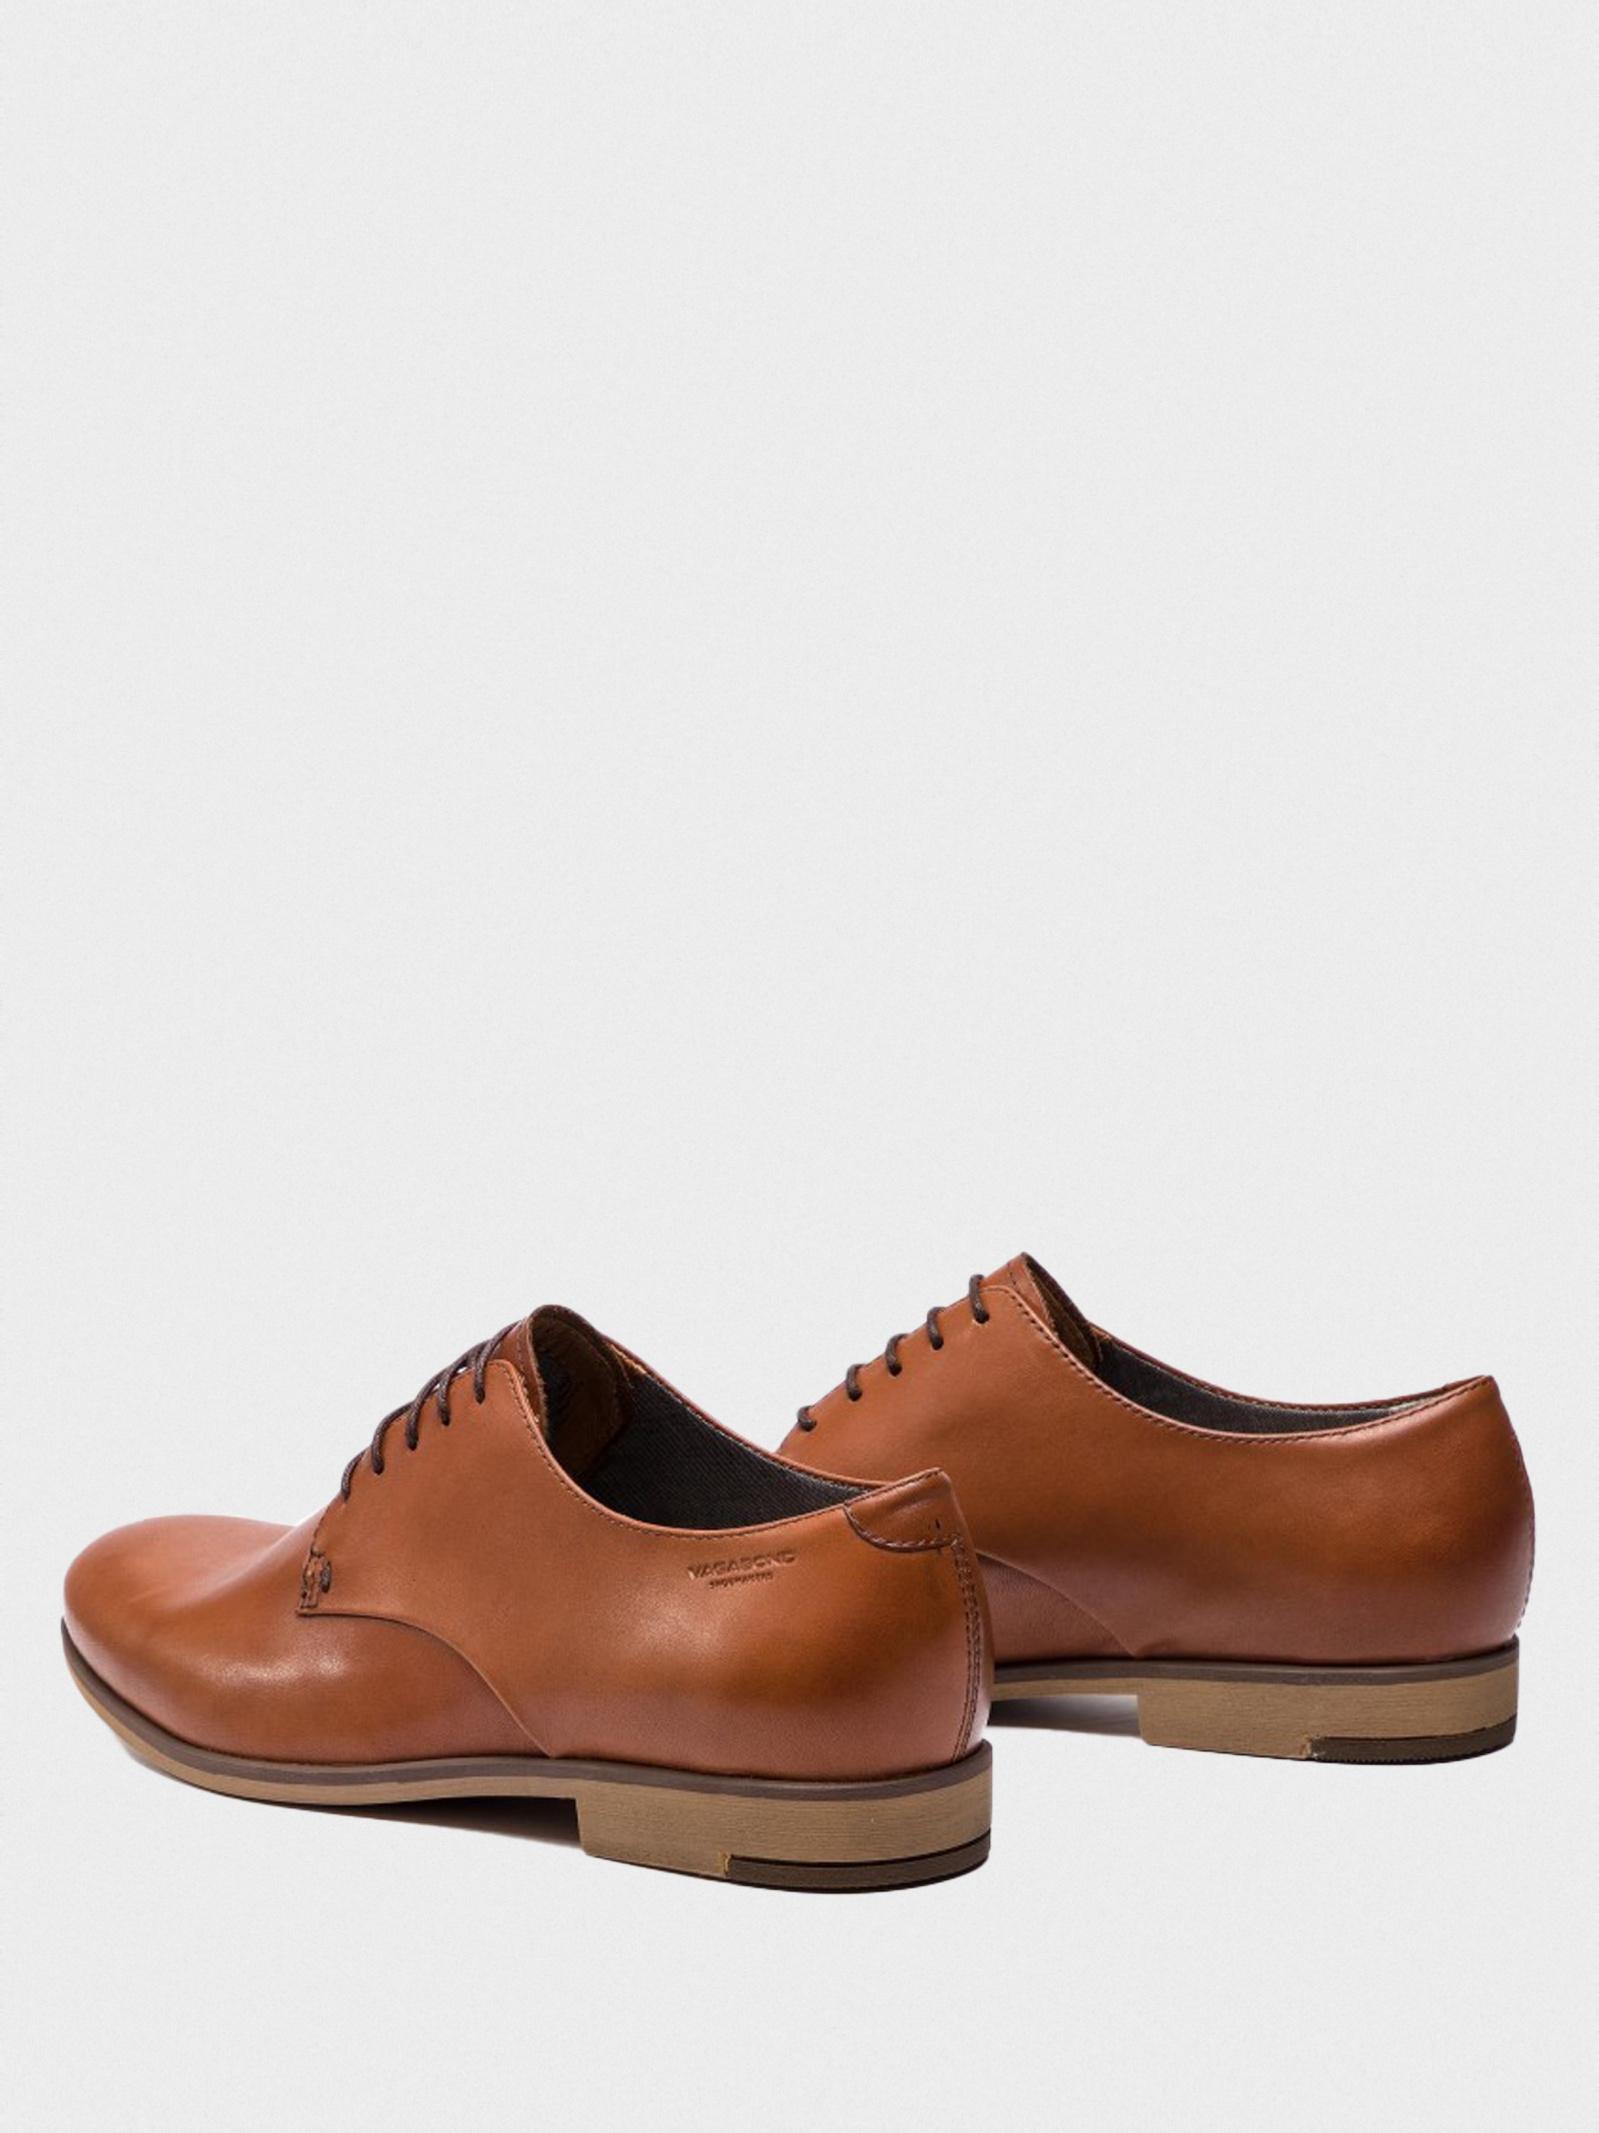 Туфлі  чоловічі VAGABOND LINHOPE 4570-301-27 замовити, 2017